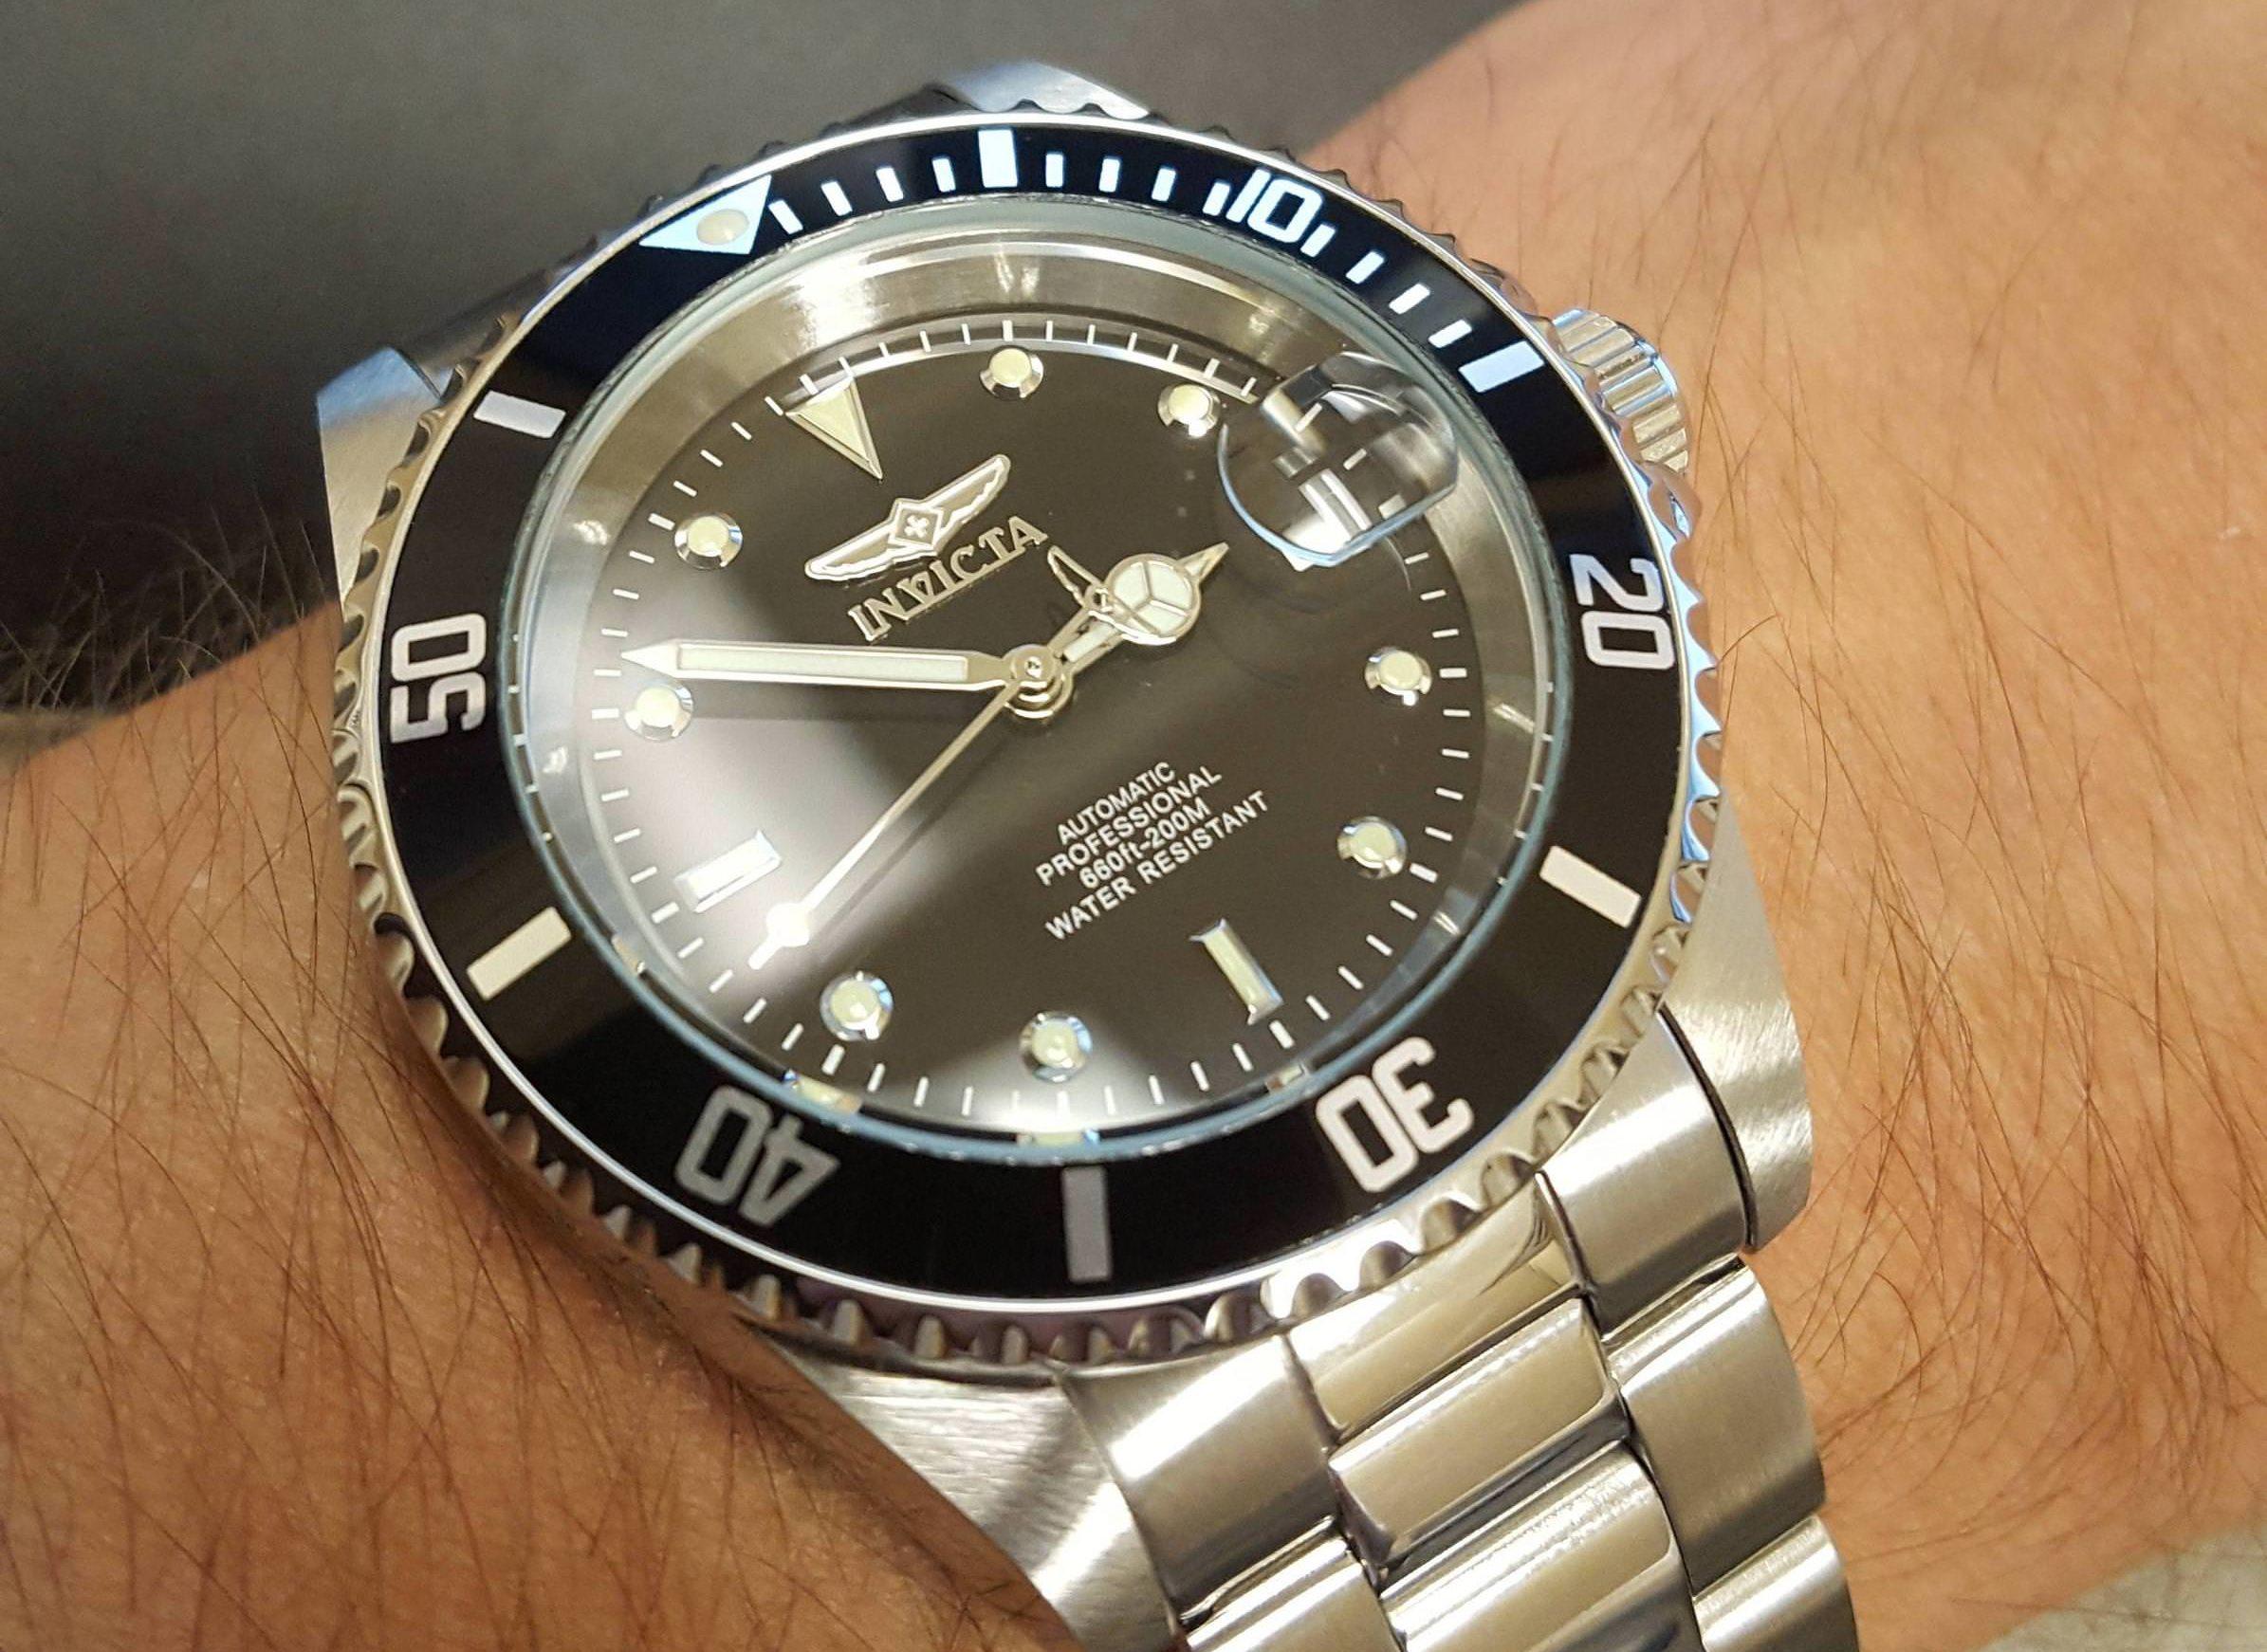 Đánh giá về chất lượng sản phẩm thương hiệu đồng hồ Invicta chính hãng